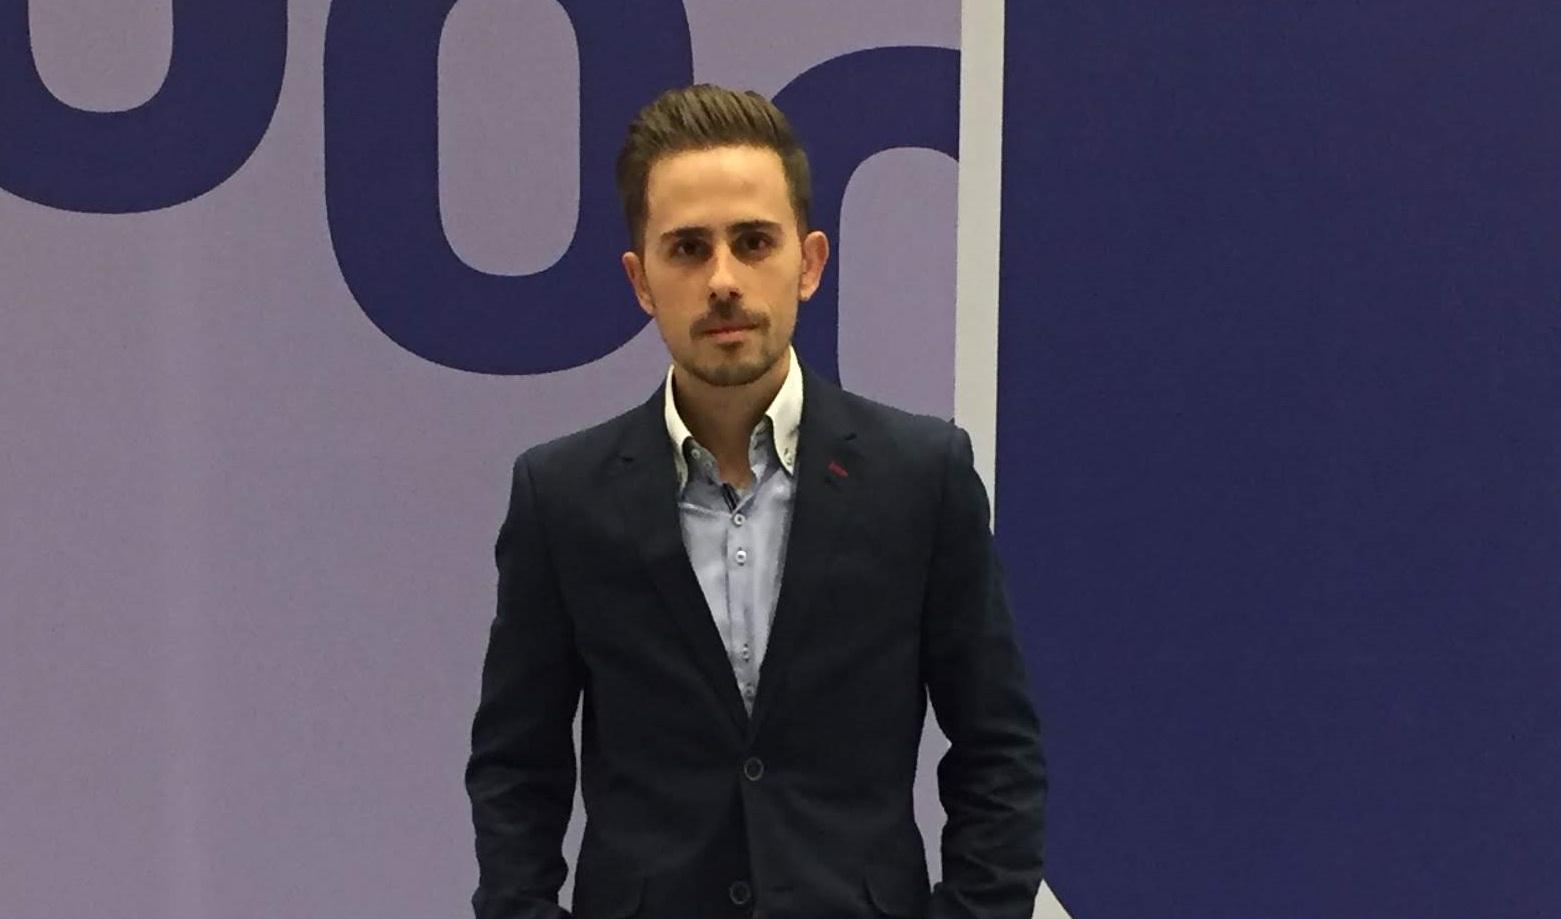 José Antonio Crespo